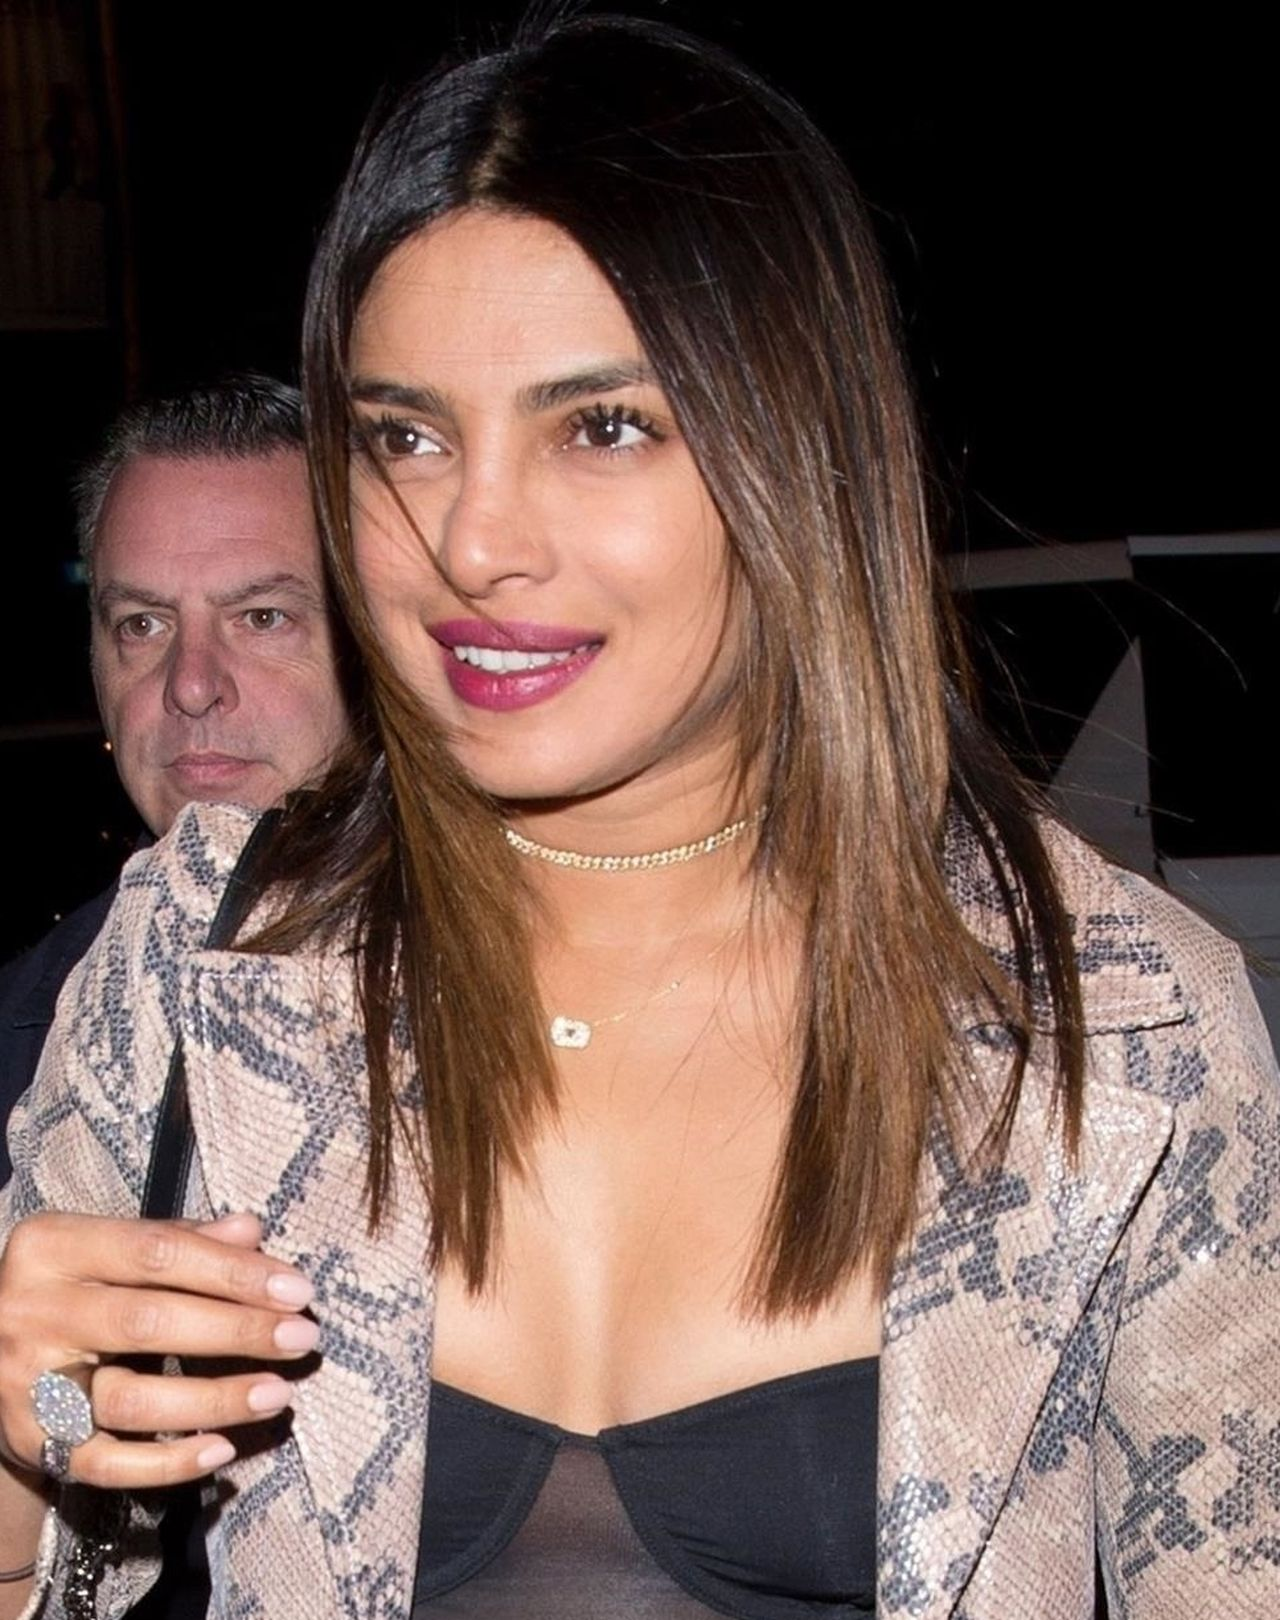 Priyanka Chopra rozjaśniła włosy - pasuje do niej taki kolor? (ZDJĘCIA)